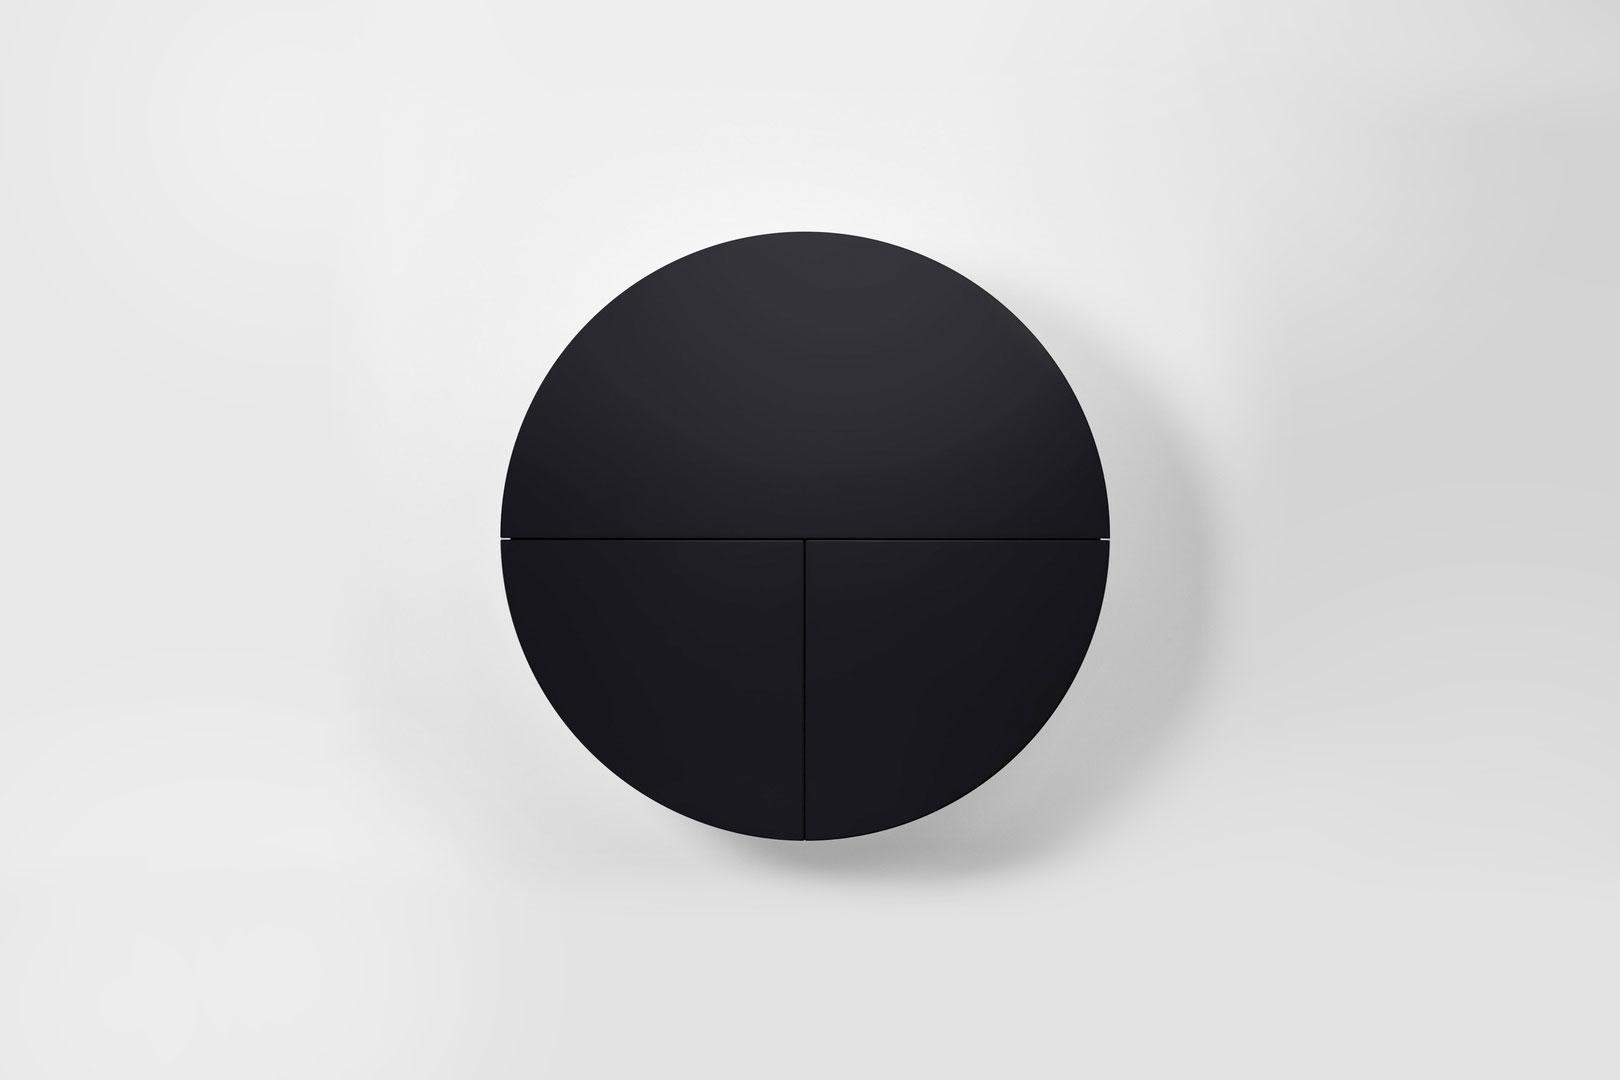 Gib dir die Pille – Designermöbel meets Designerdroge